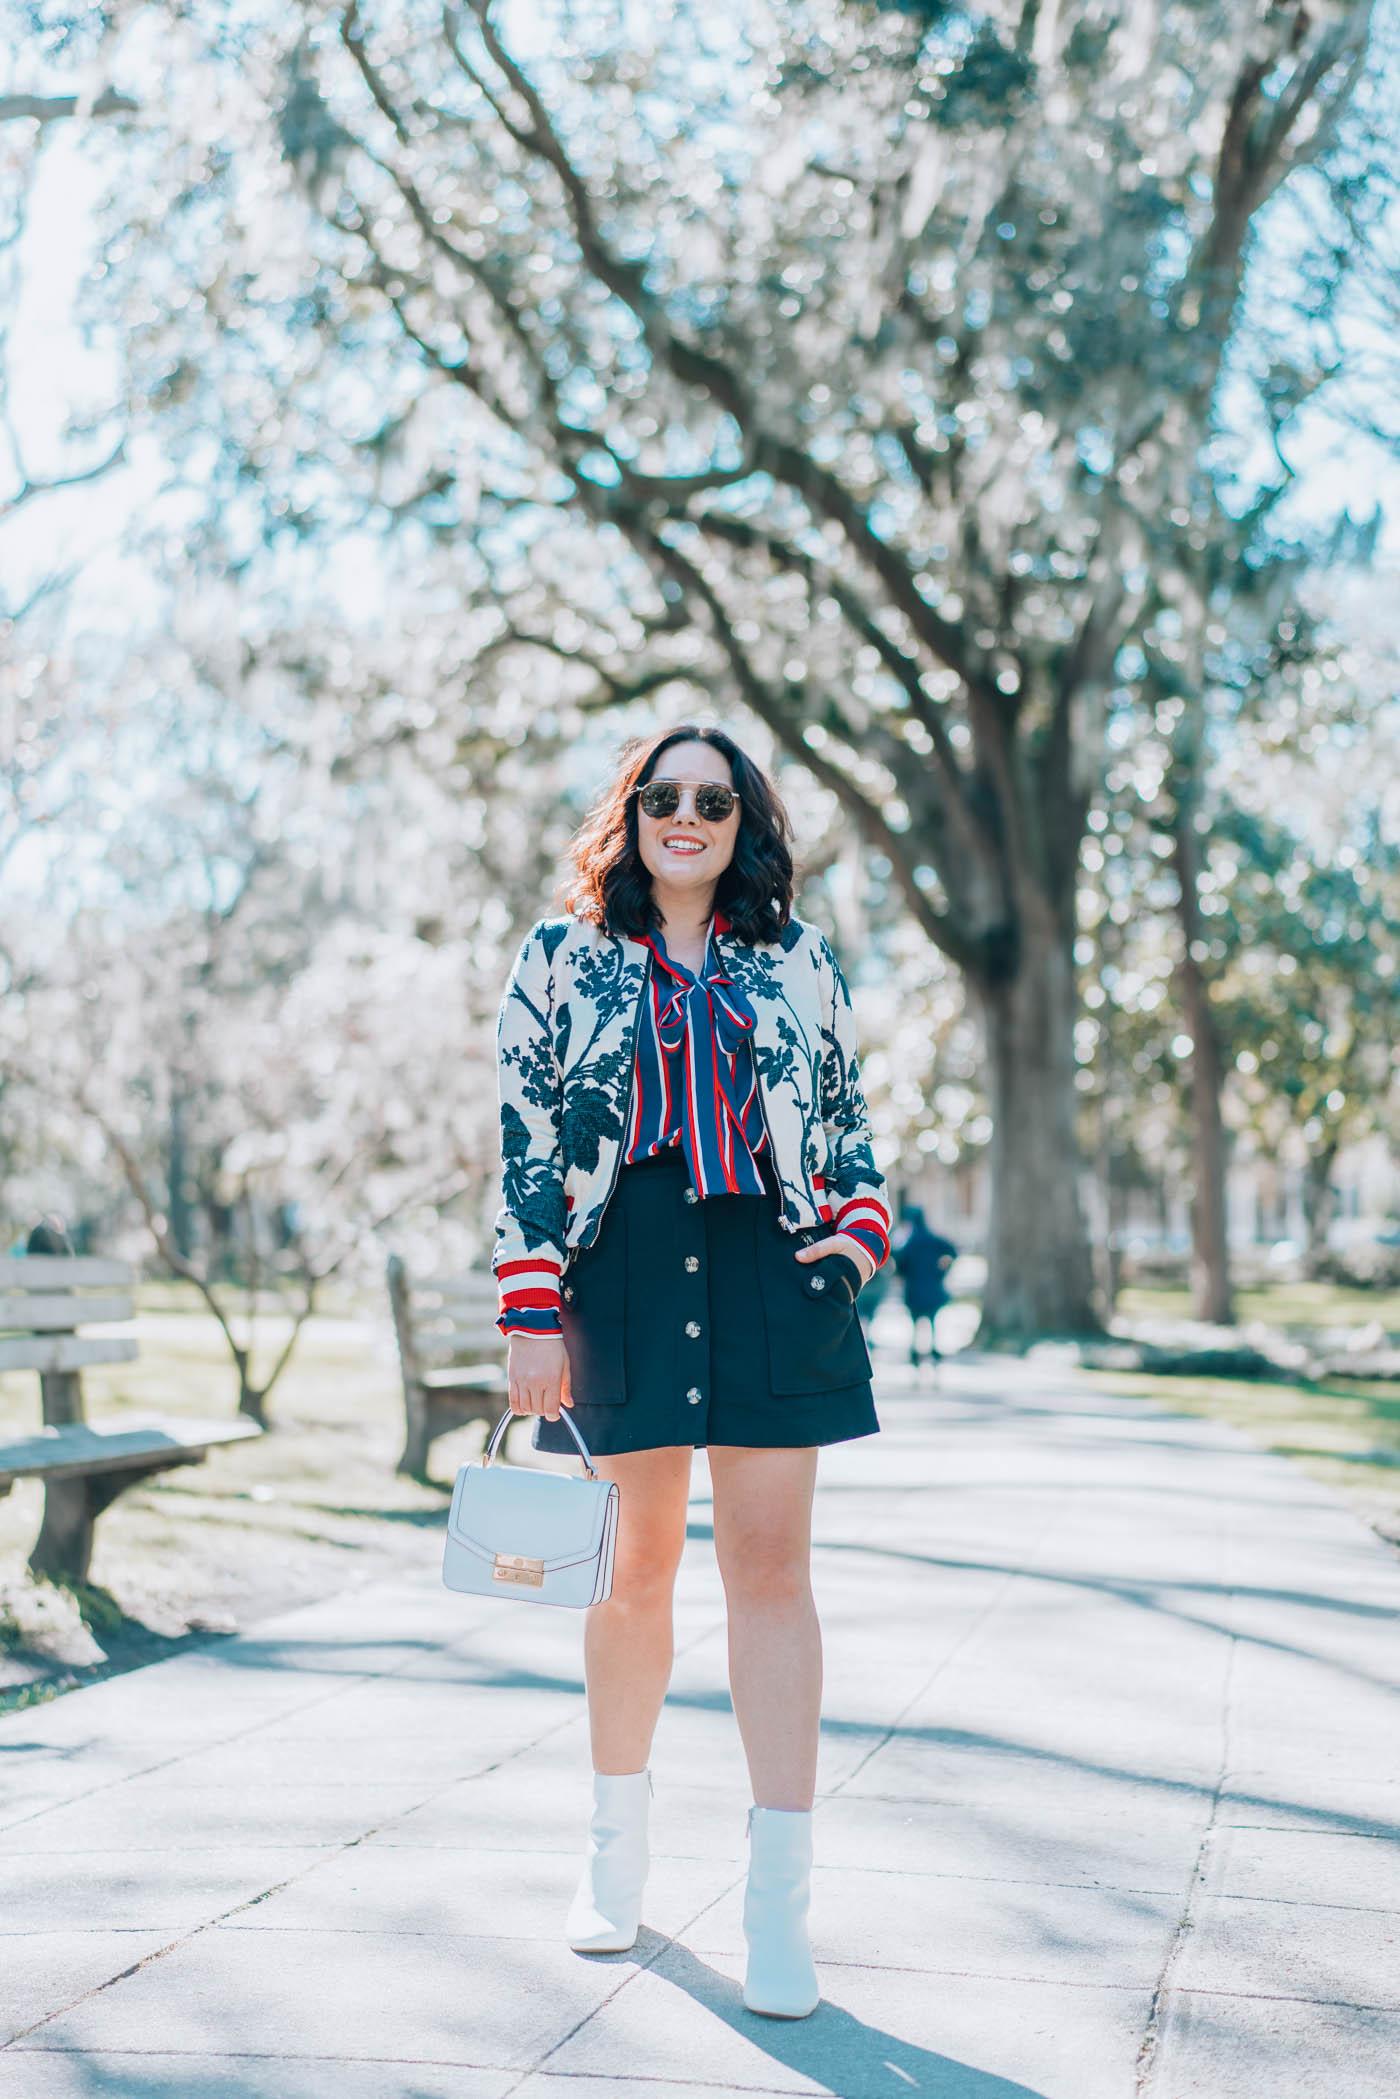 Spring Trend - Bomber Jacket